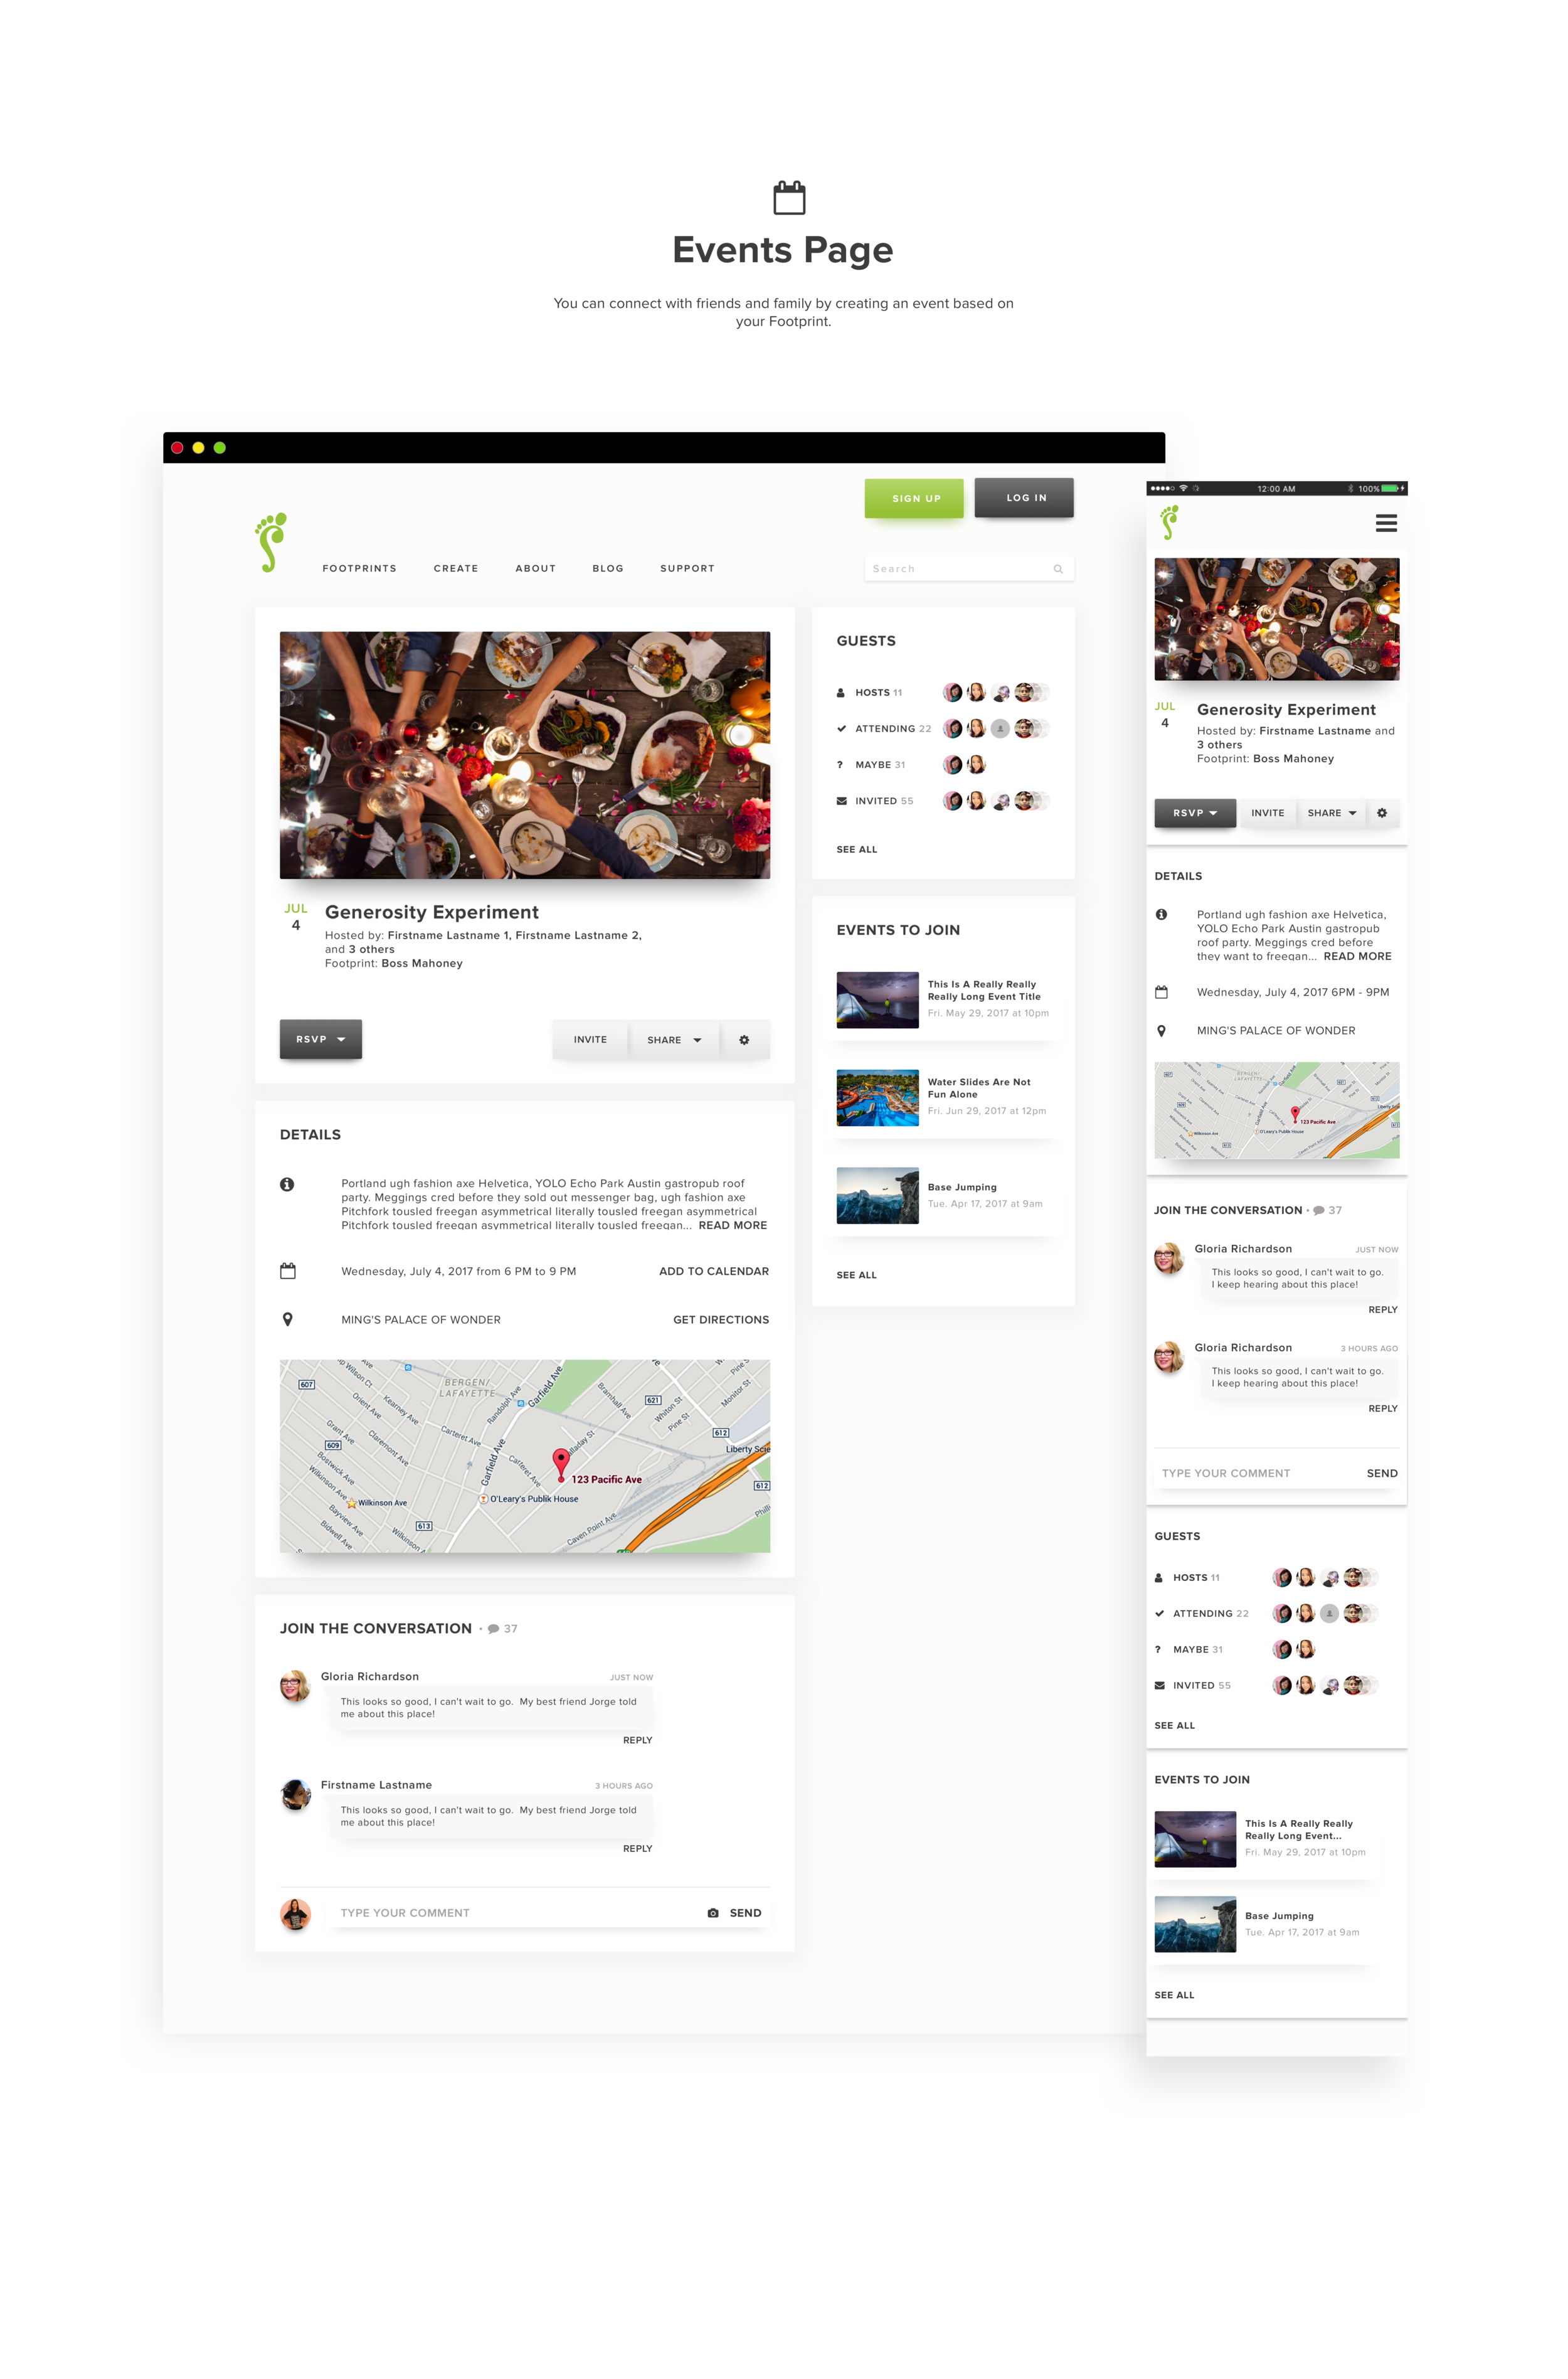 fullsize-events@3x.png